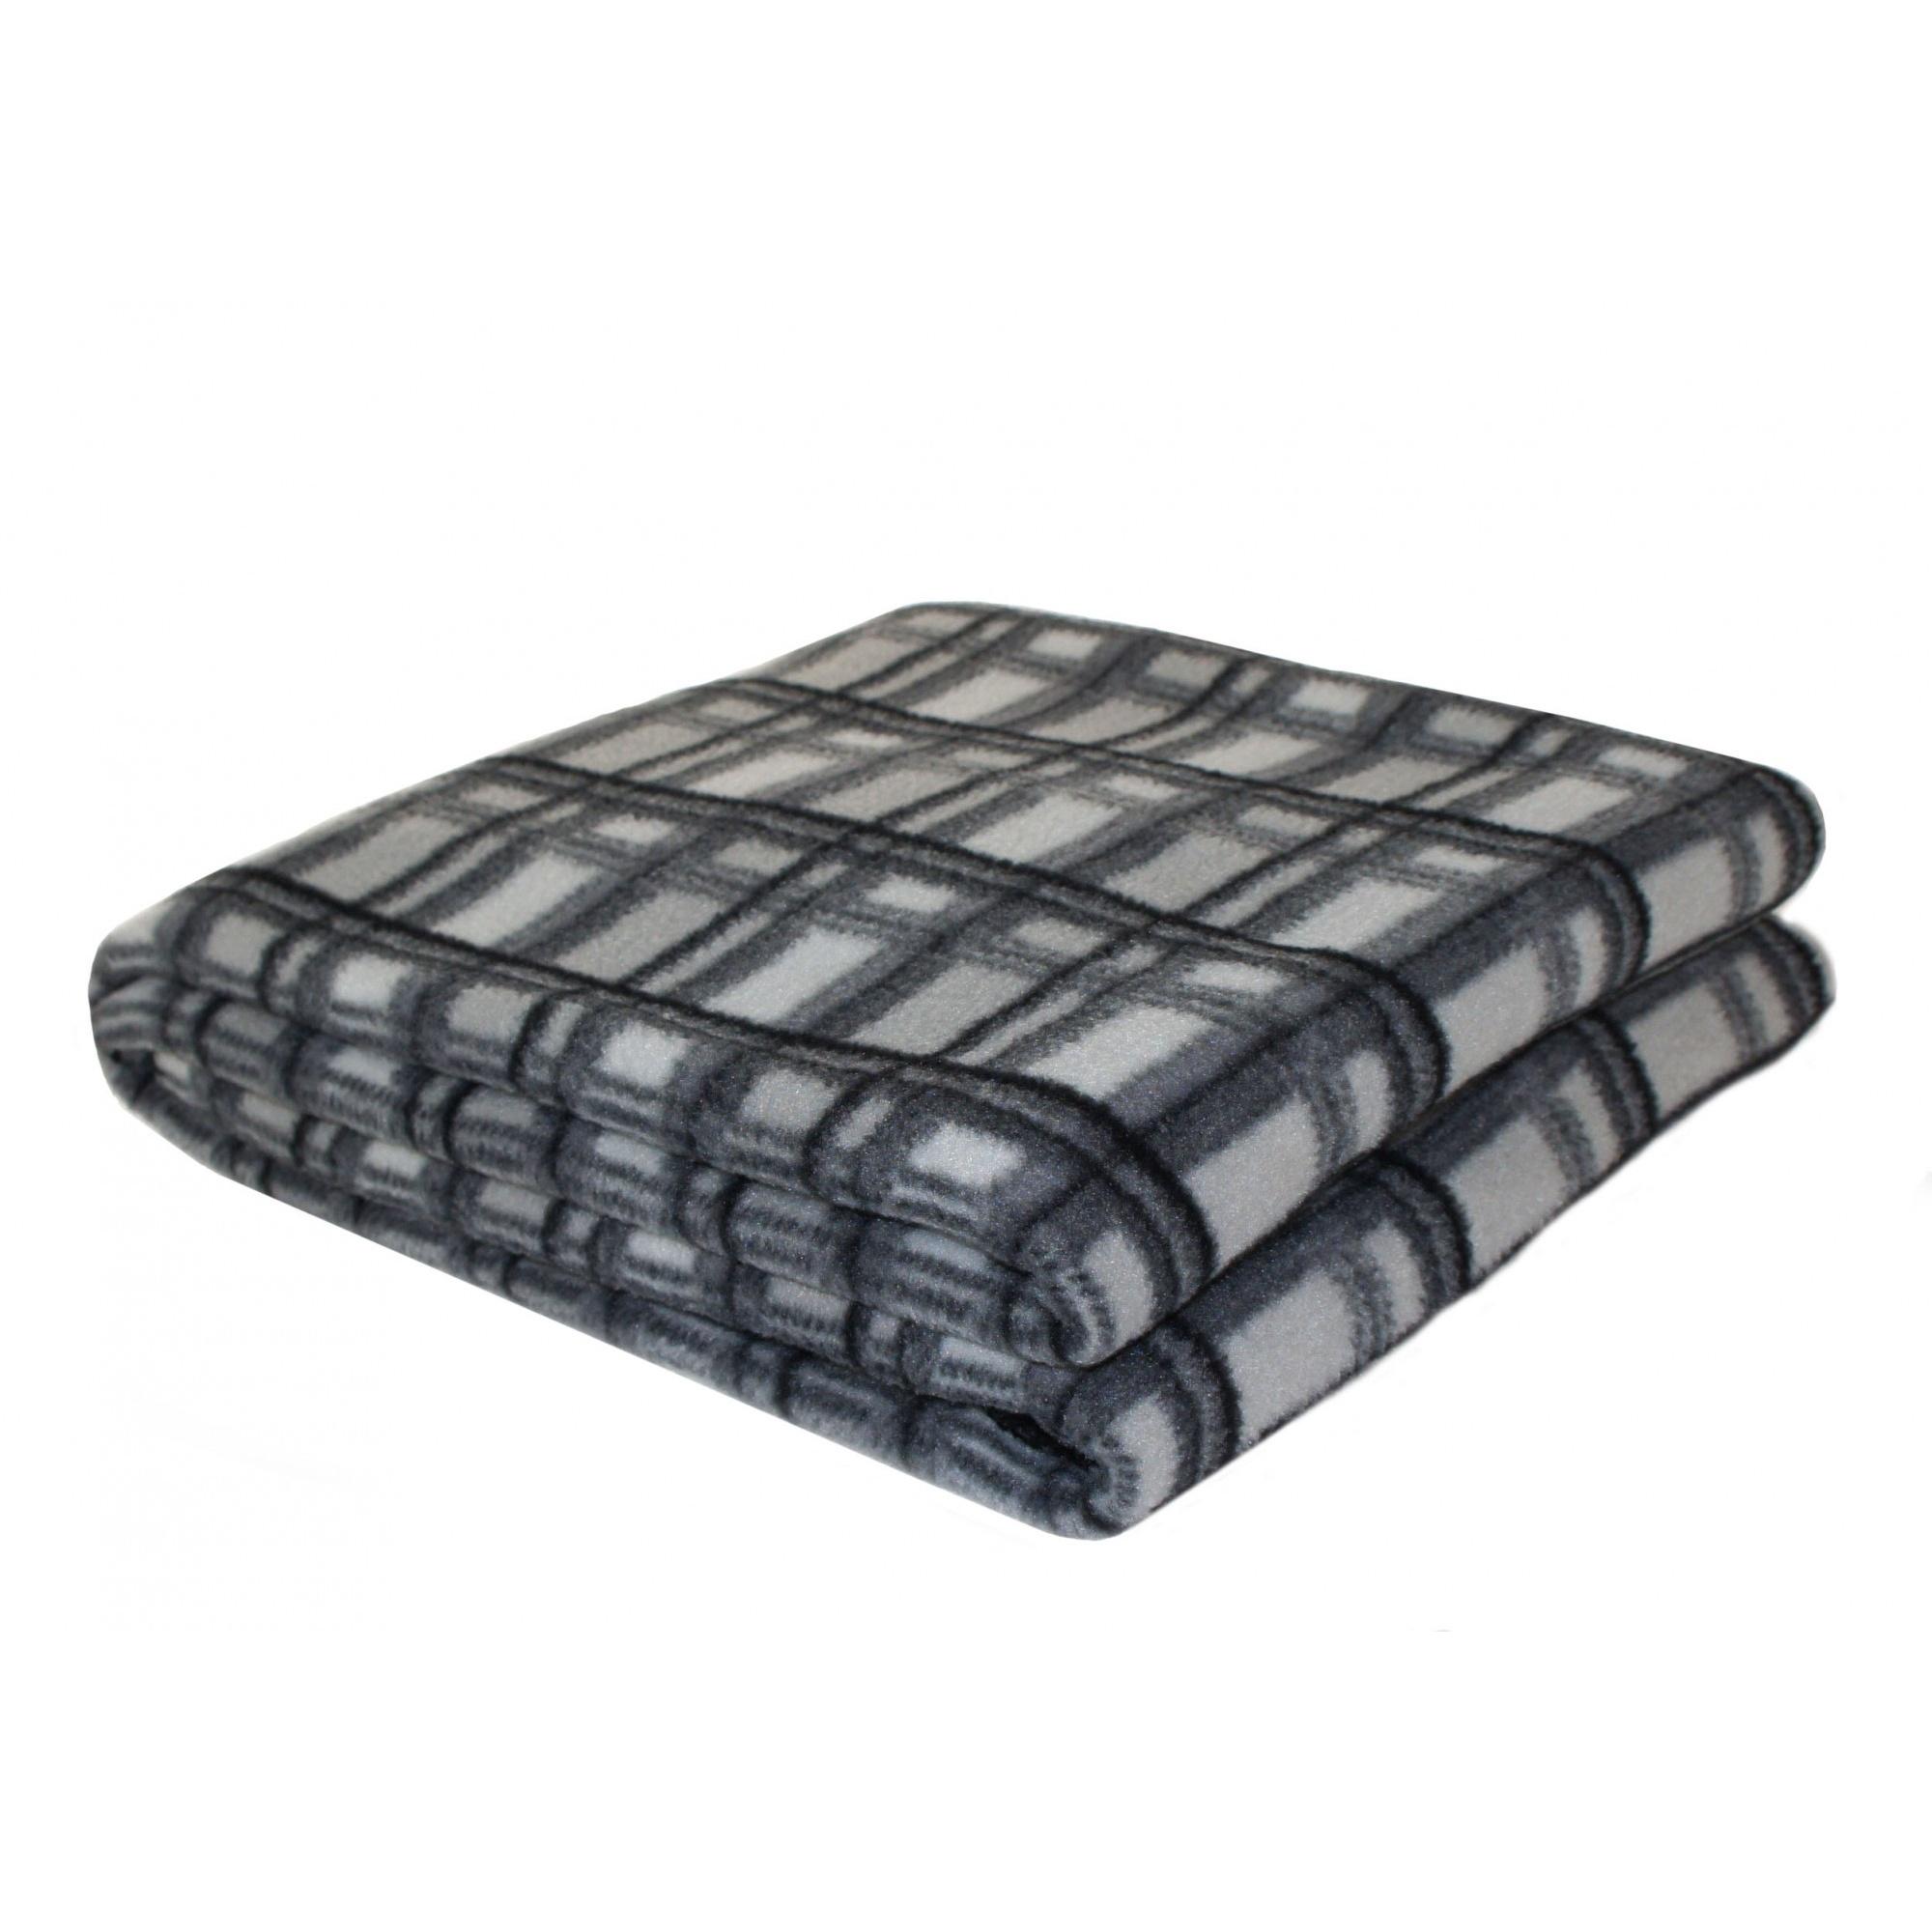 Home-Harmony-Printed-Check-Fleece-Blanket-Throw-MS570